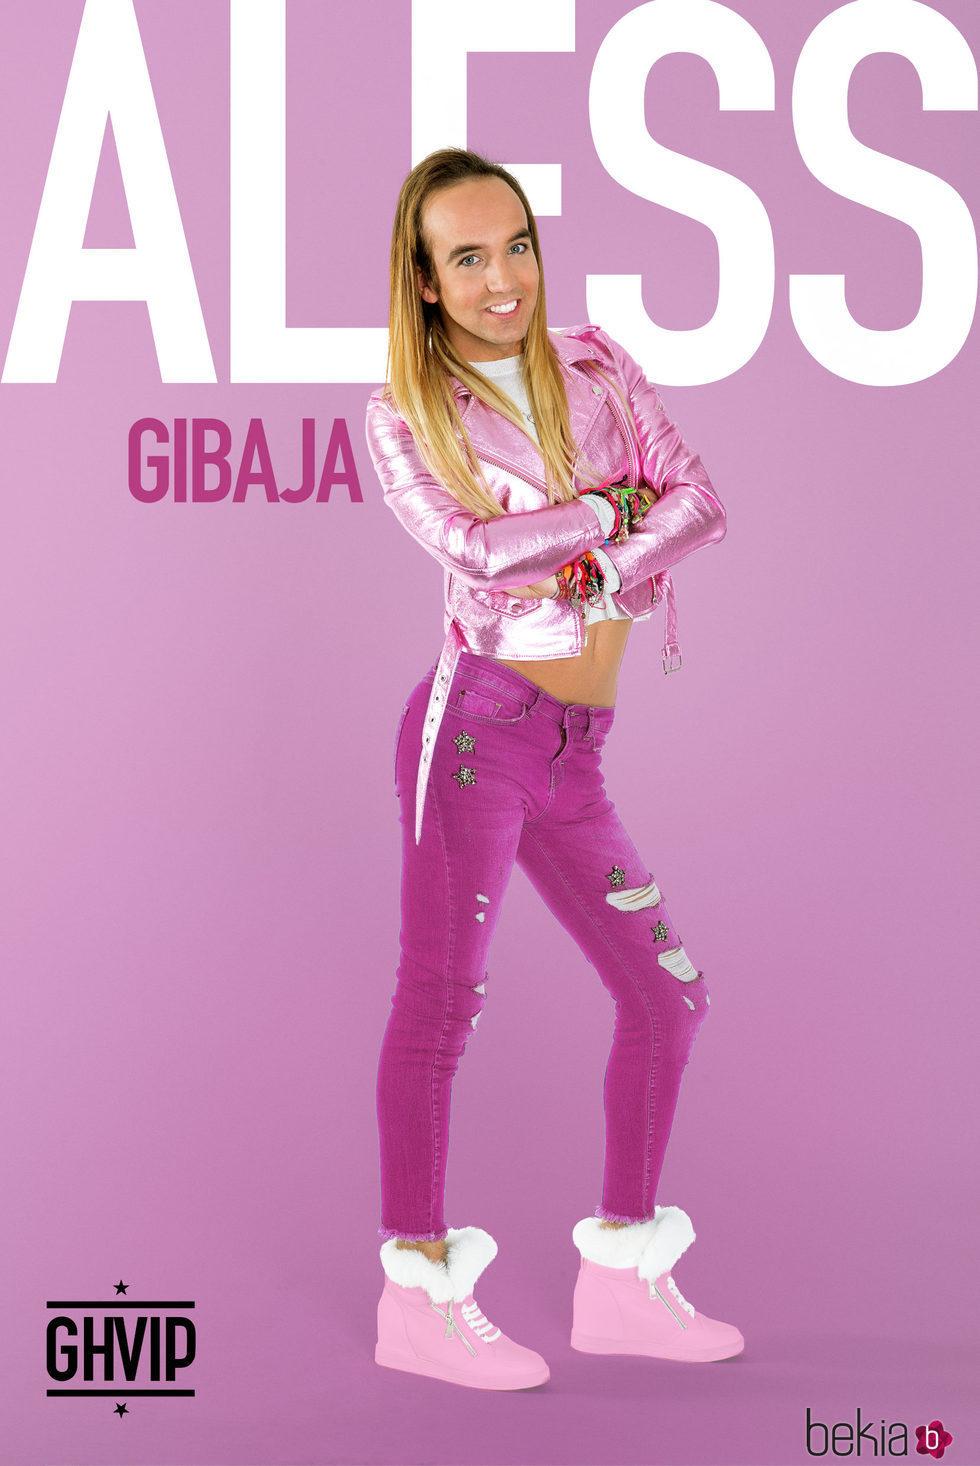 Aless Gibaja en la fotografía oficial de 'Gran Hermano VIP 5'